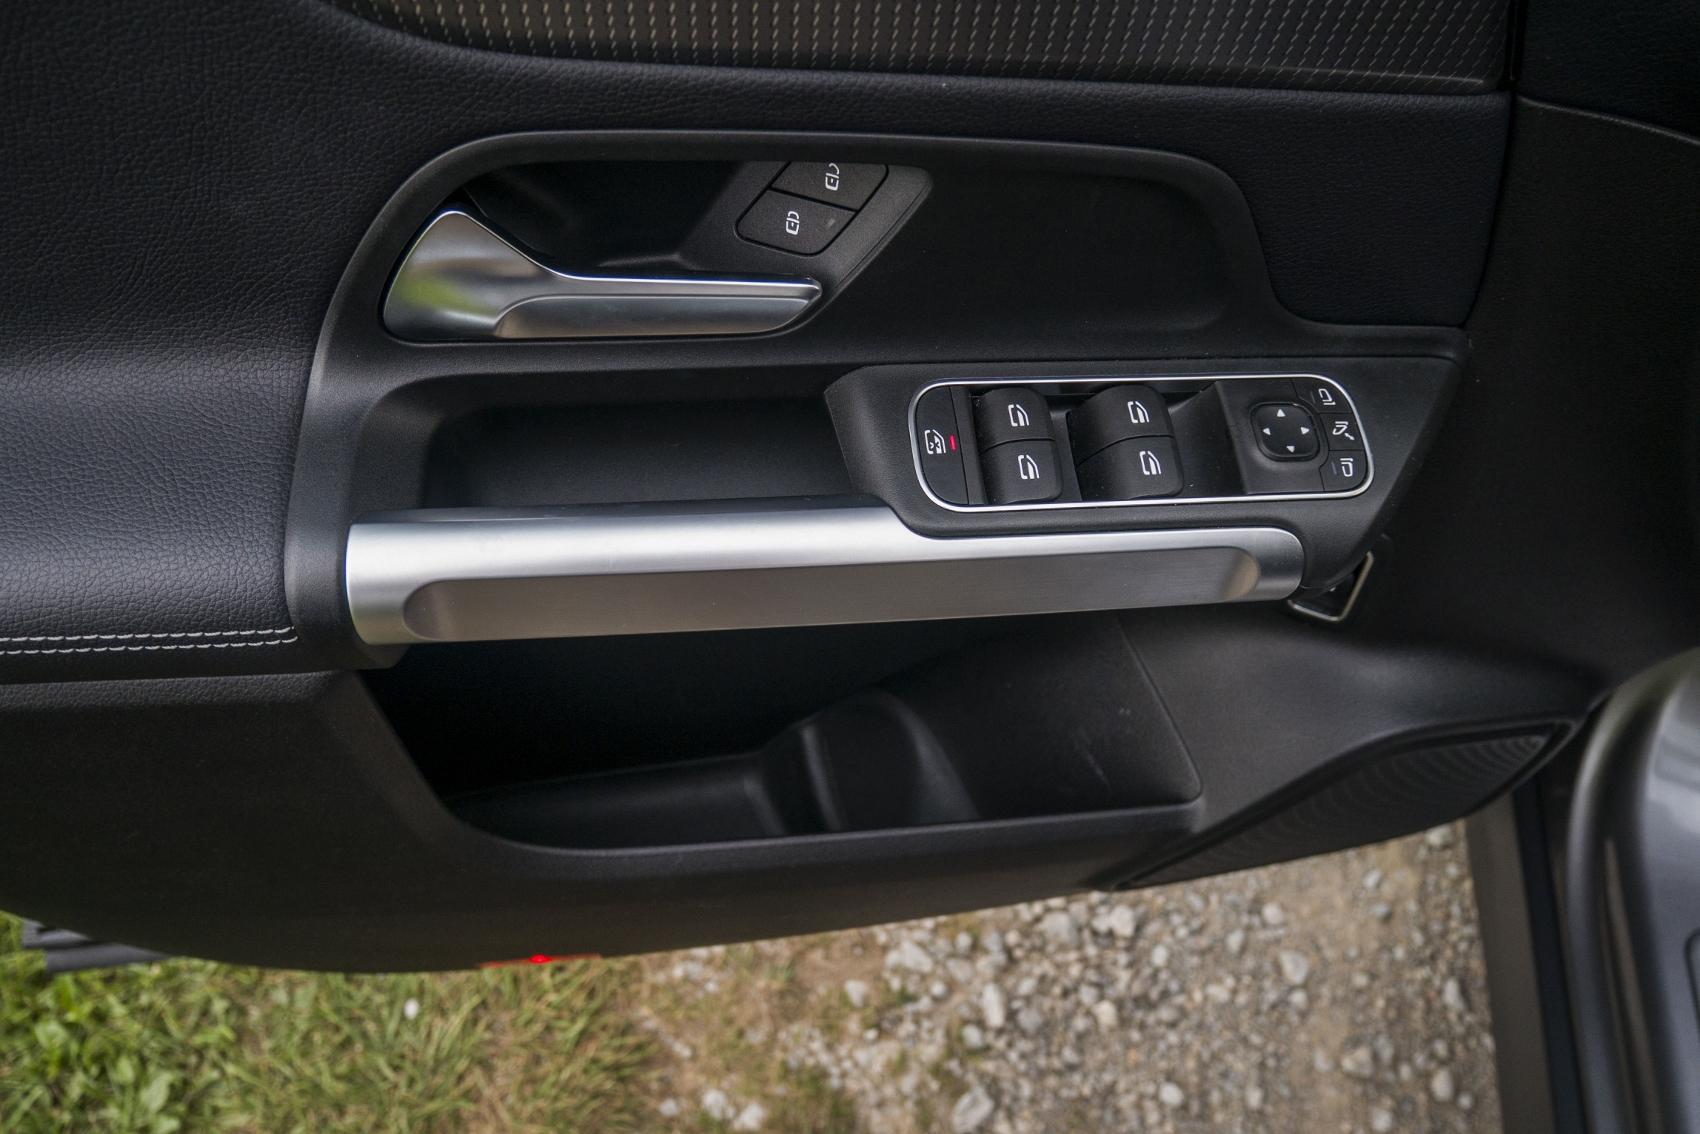 Test: Mercedes GLB 200 ponúka veľký priestor v malom balení pgxJx01HPC mercedes-glb-31-1700x1134